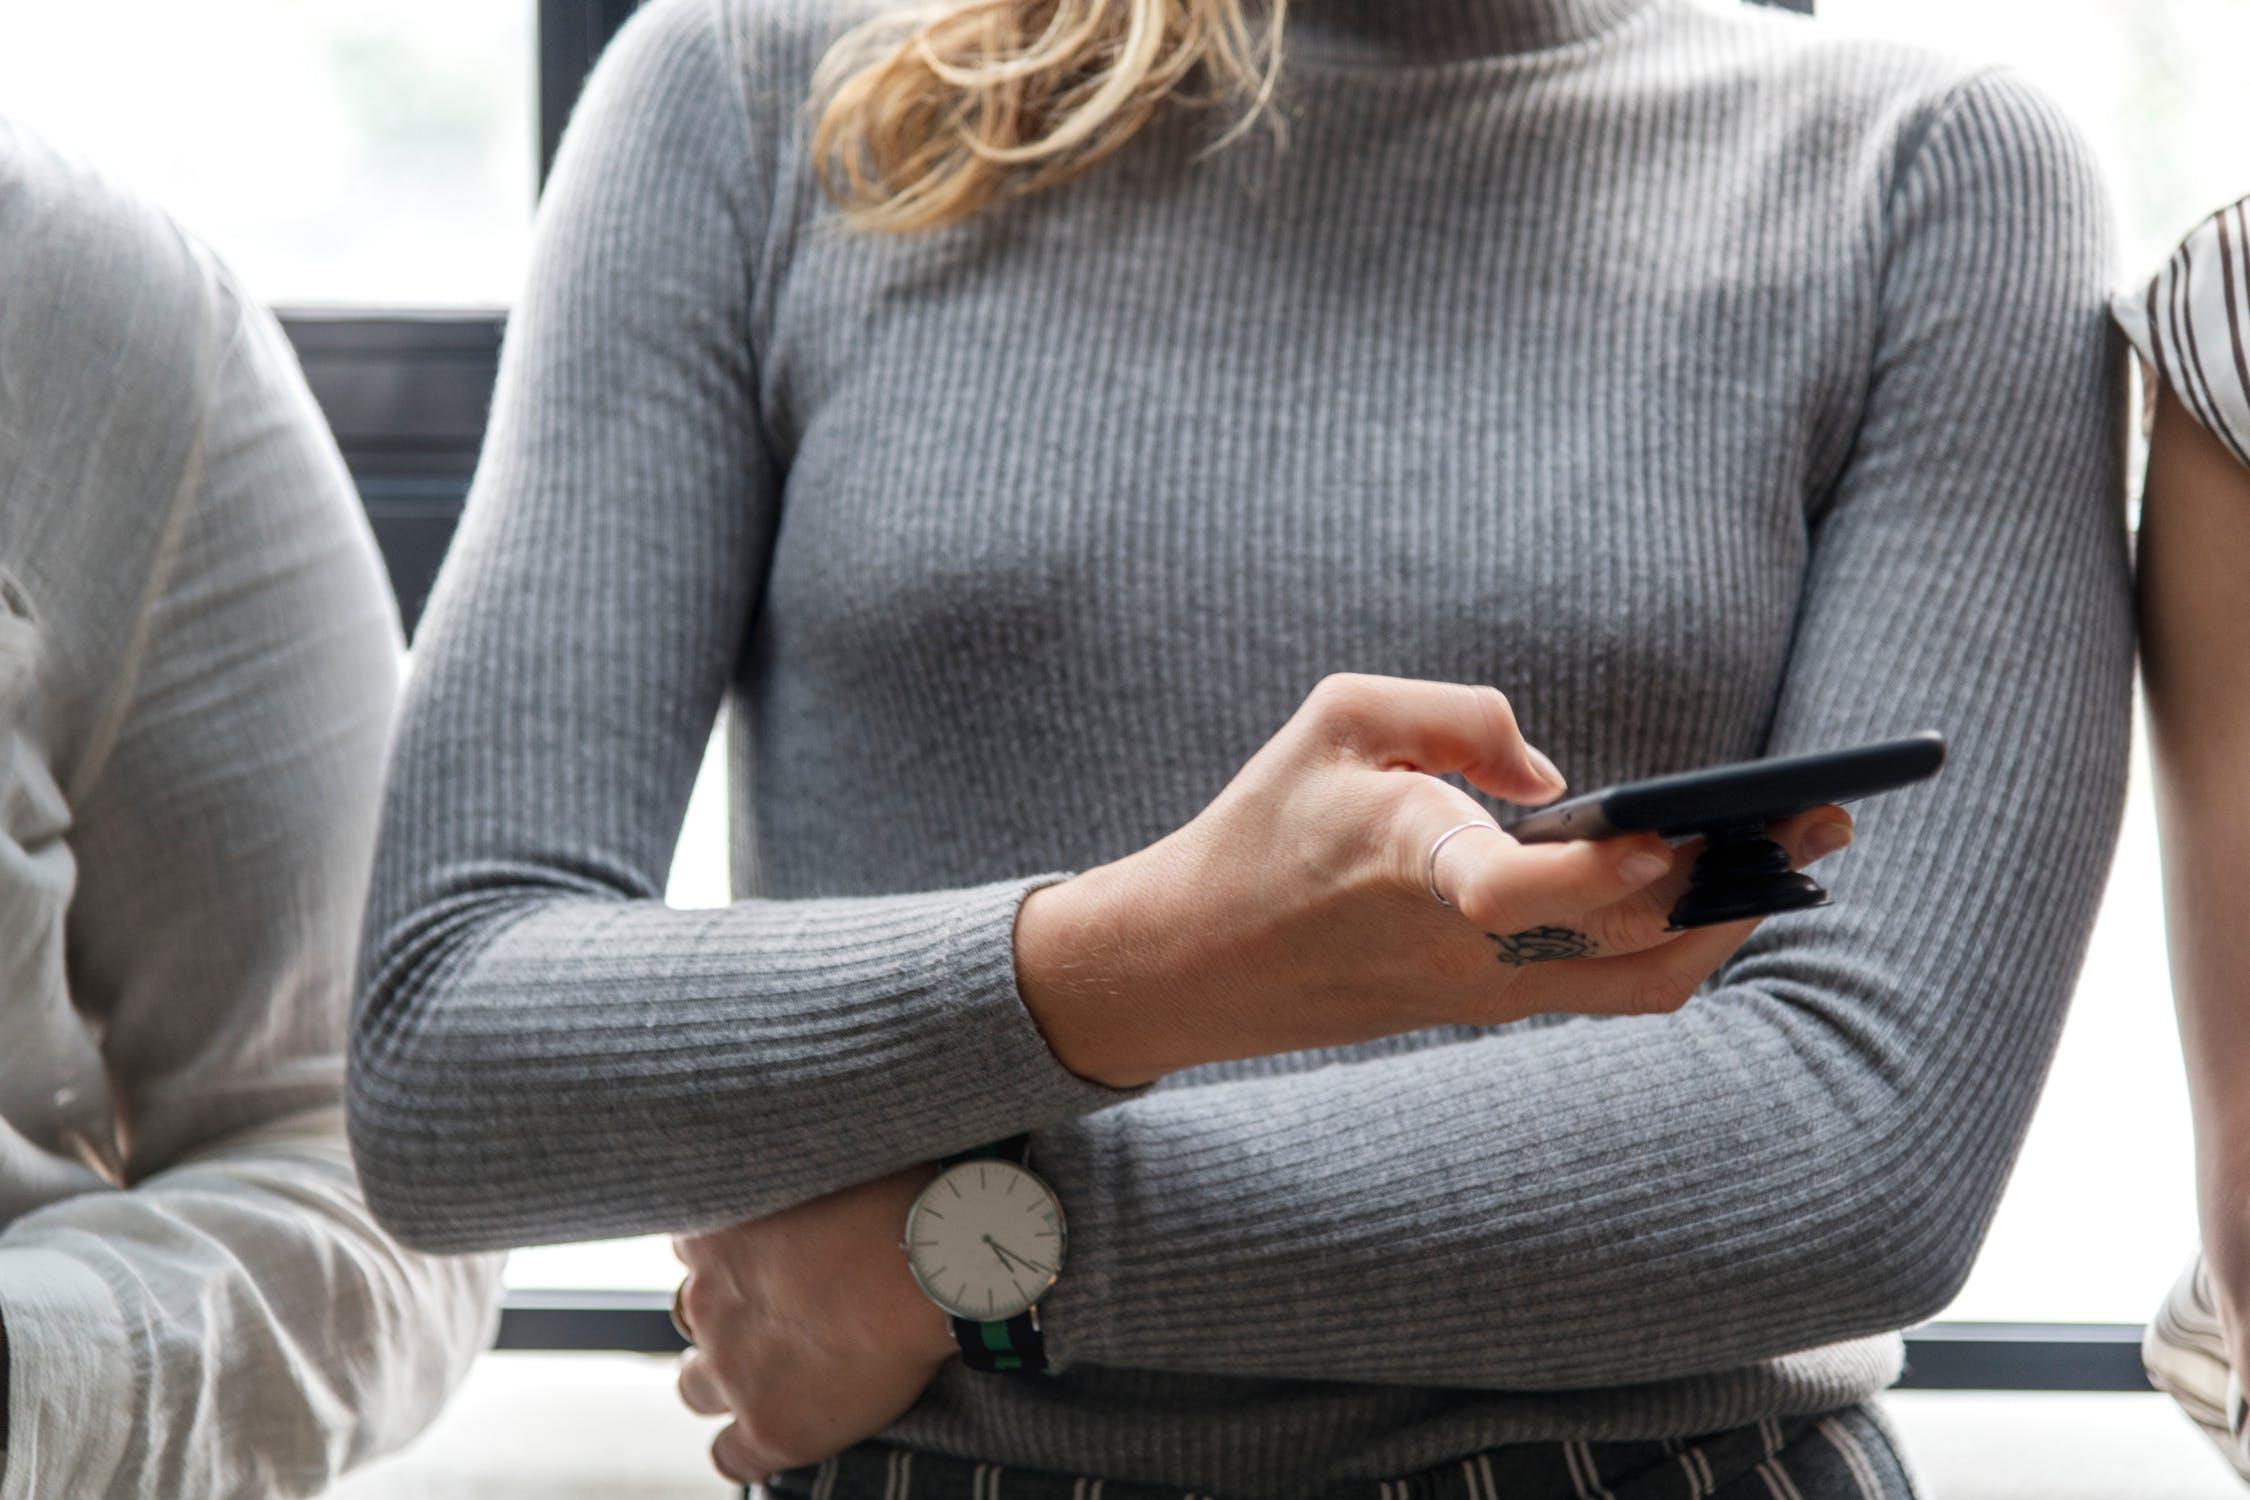 montre téléphone smartphone